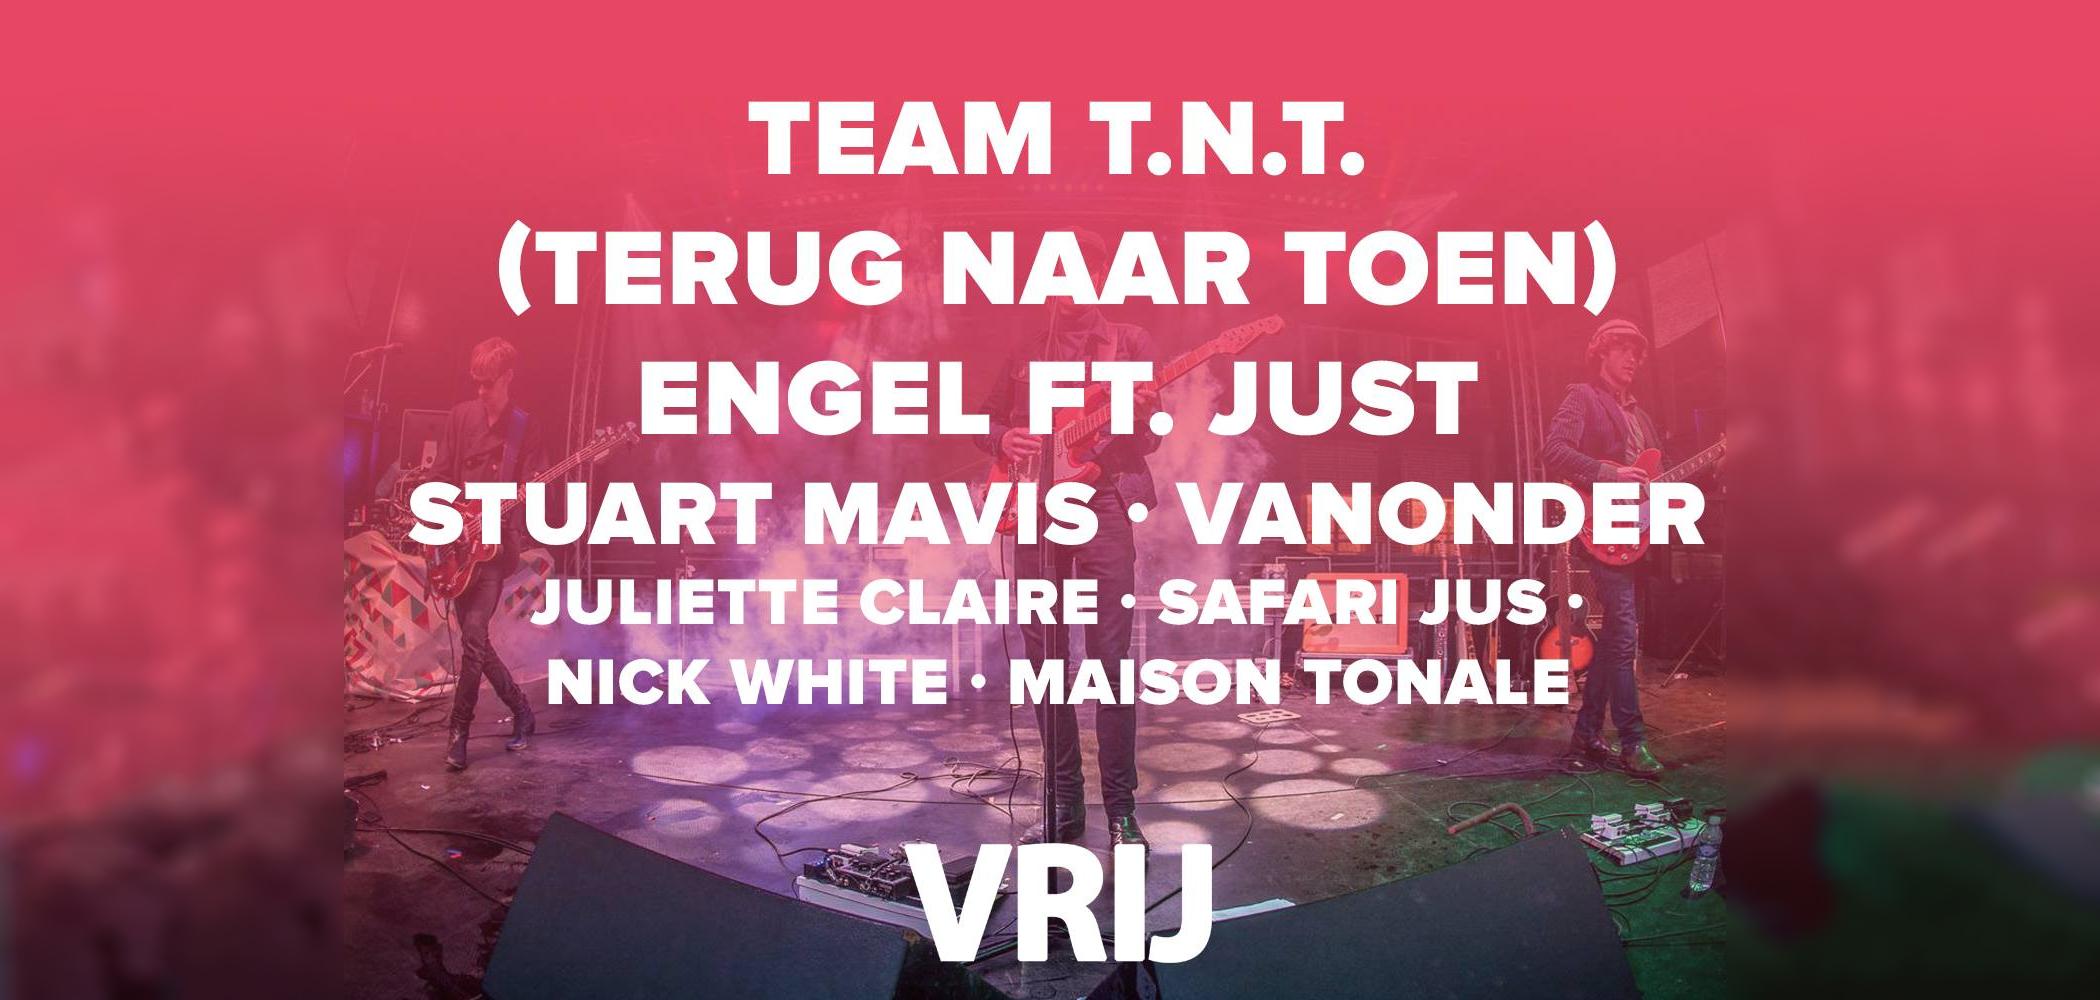 VRIJ Festival 2017 oa. Engel&Just en 80's en 90's dj's Terug Naar Toen